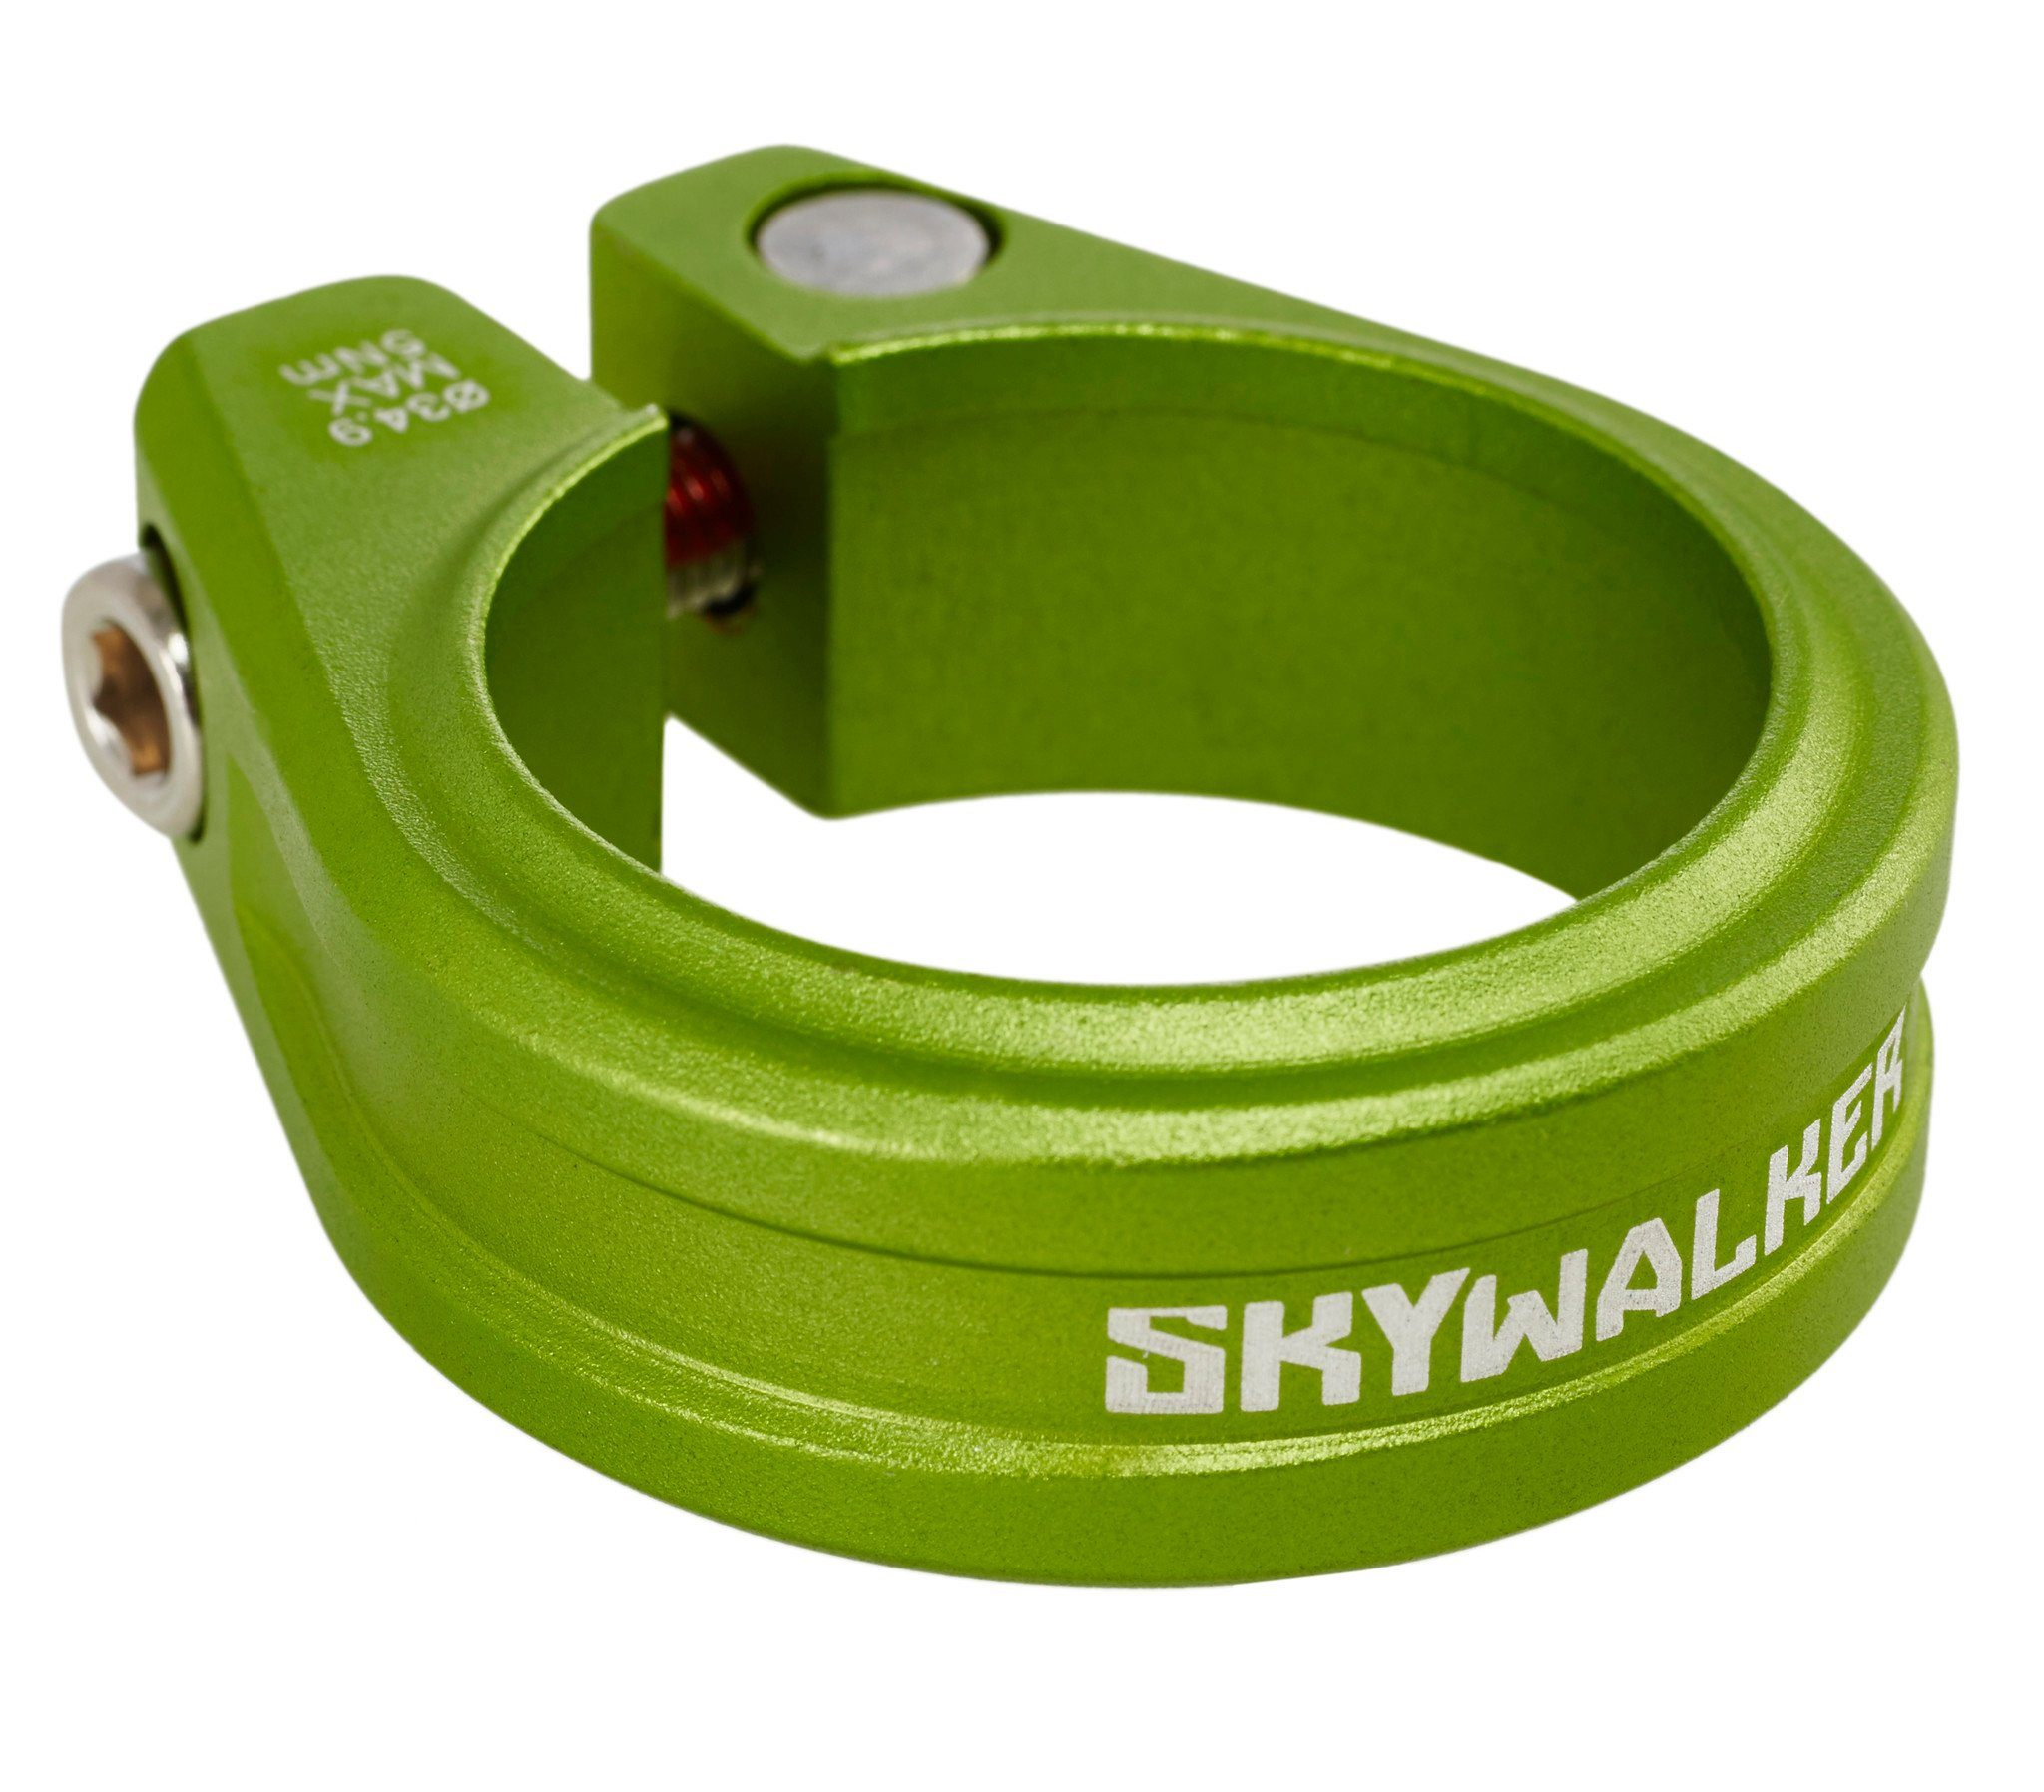 Sixpack Sattelklemme »Skywalker Sattelklemme 34,9 mm«